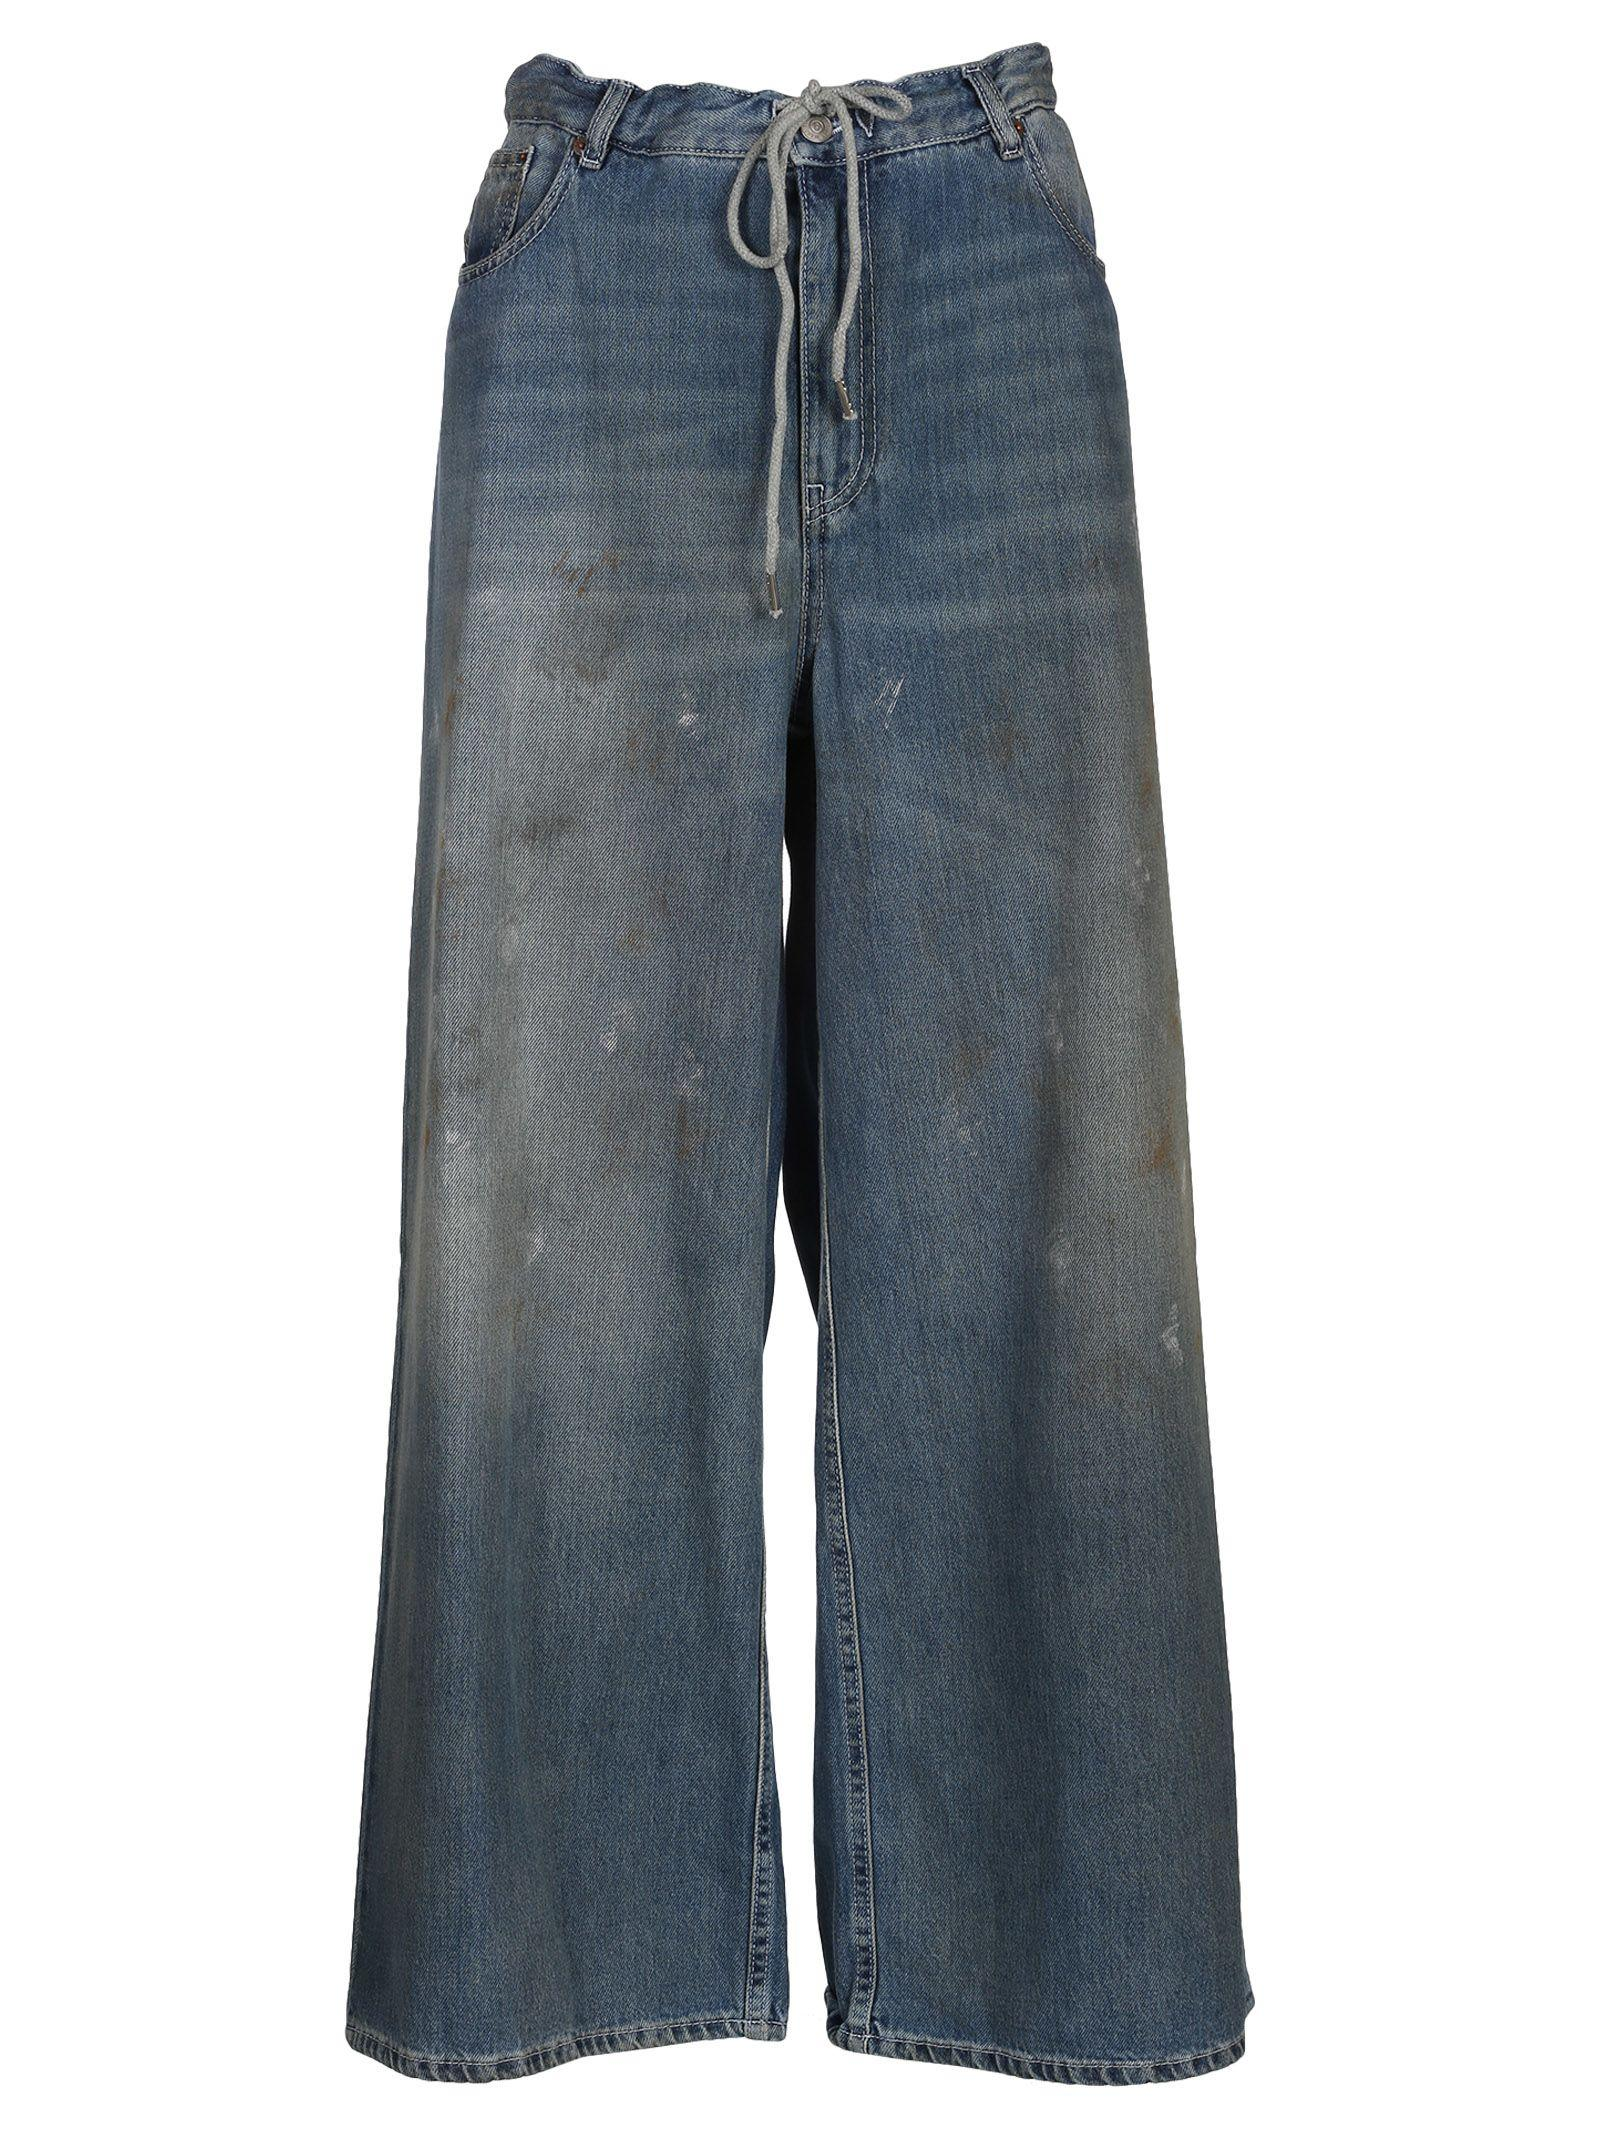 Mm6 Maison Margiela Distressed Oversized Trousers In Indigo Stone